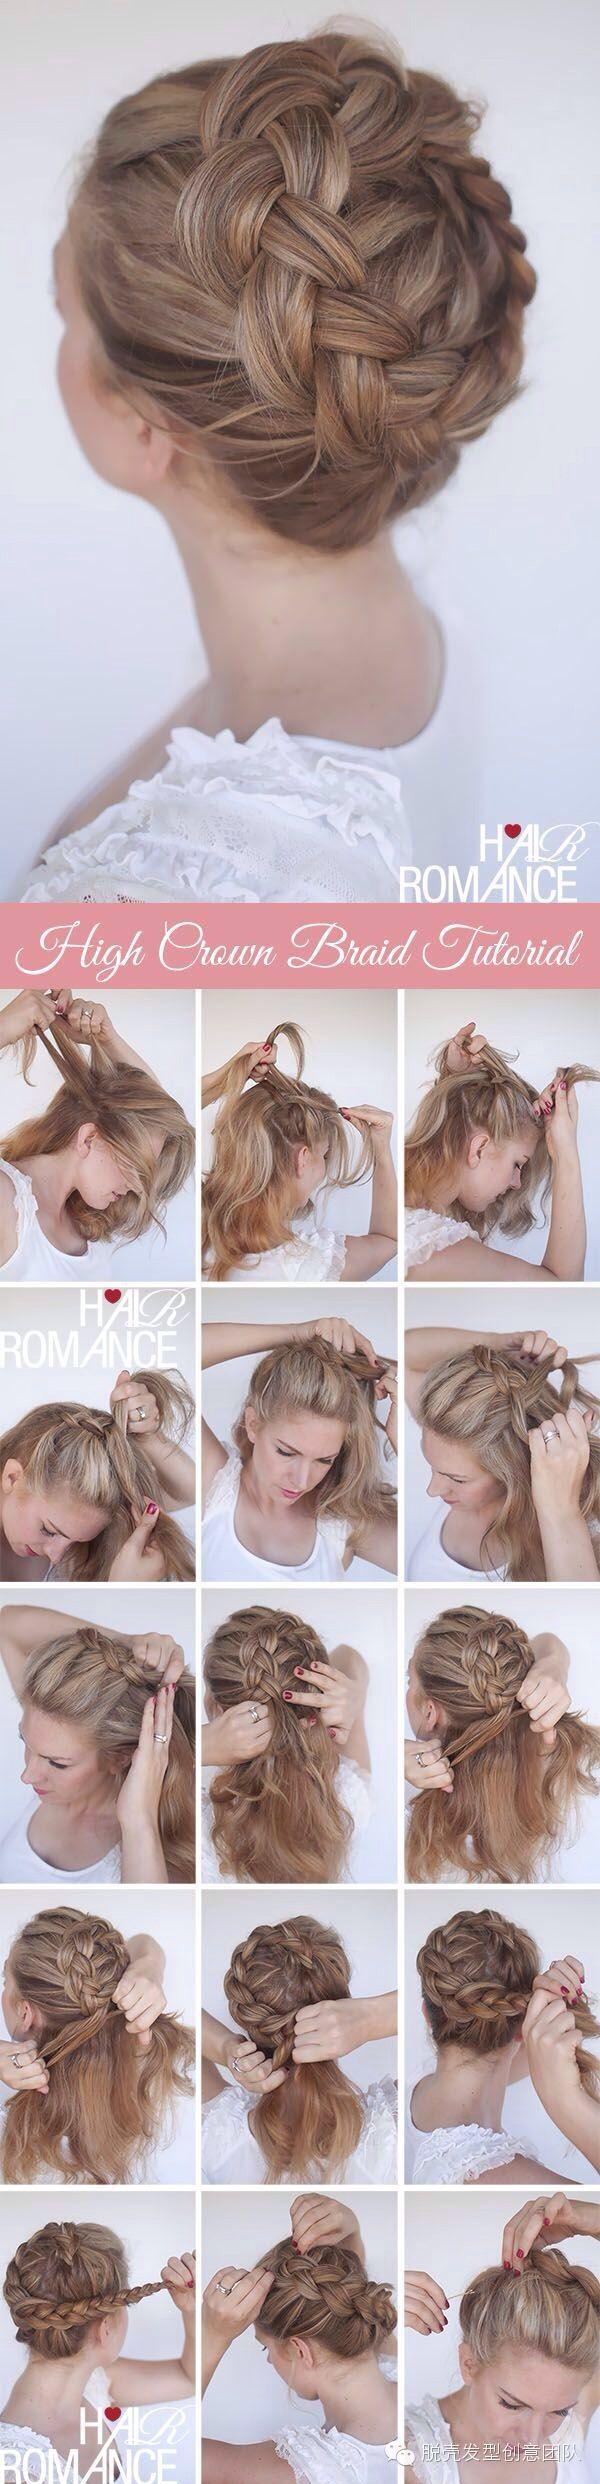 High crown braid